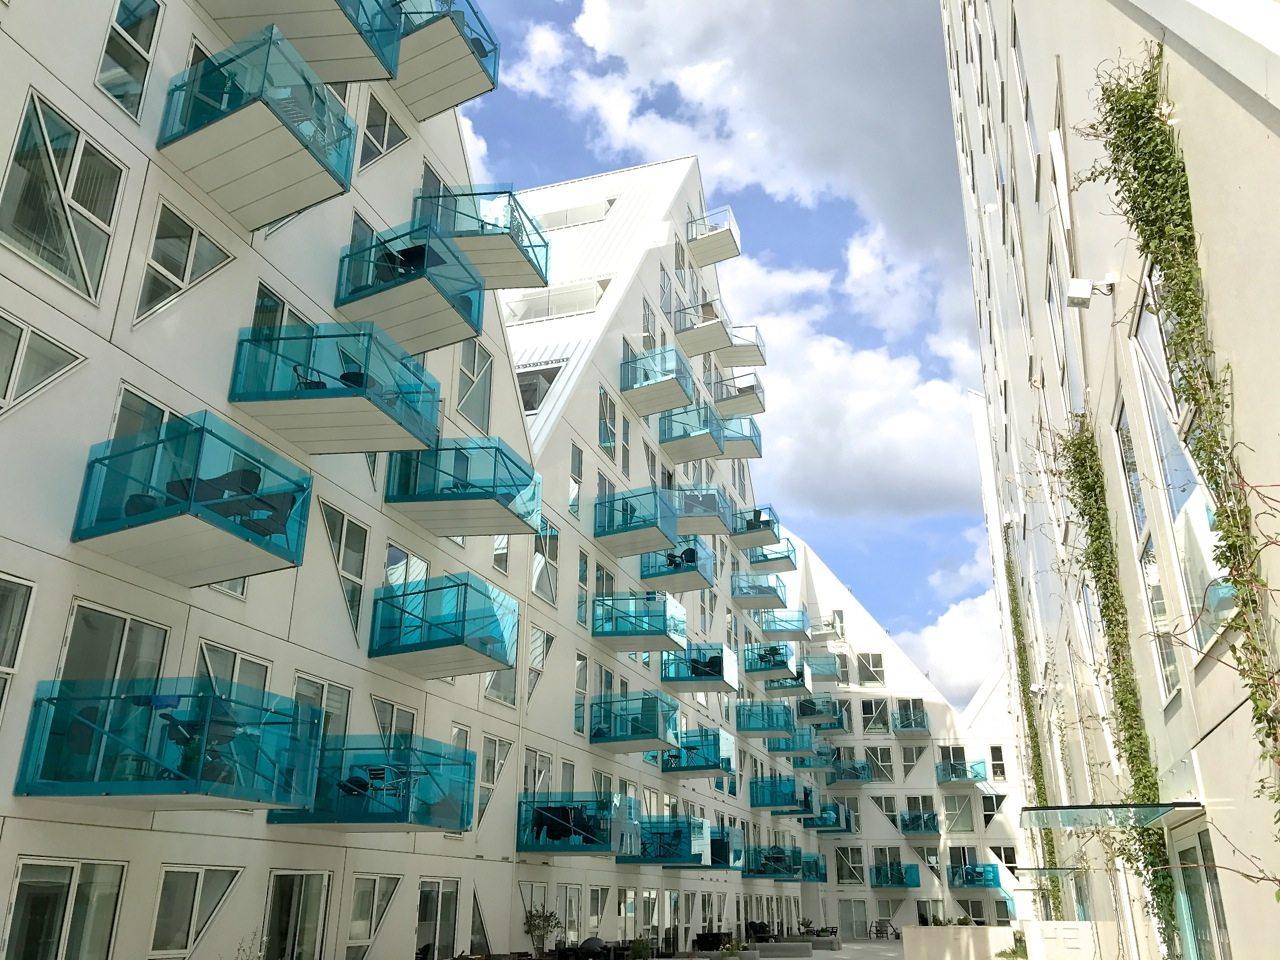 """Der Eisberg. Der """"Eisberg"""" oder auch """"Isbjerget"""" bildete den ersten Baustein des neu gestalteten Hafenviertels. Gesamtwohnfläche: 25.000 Quadratmeter."""